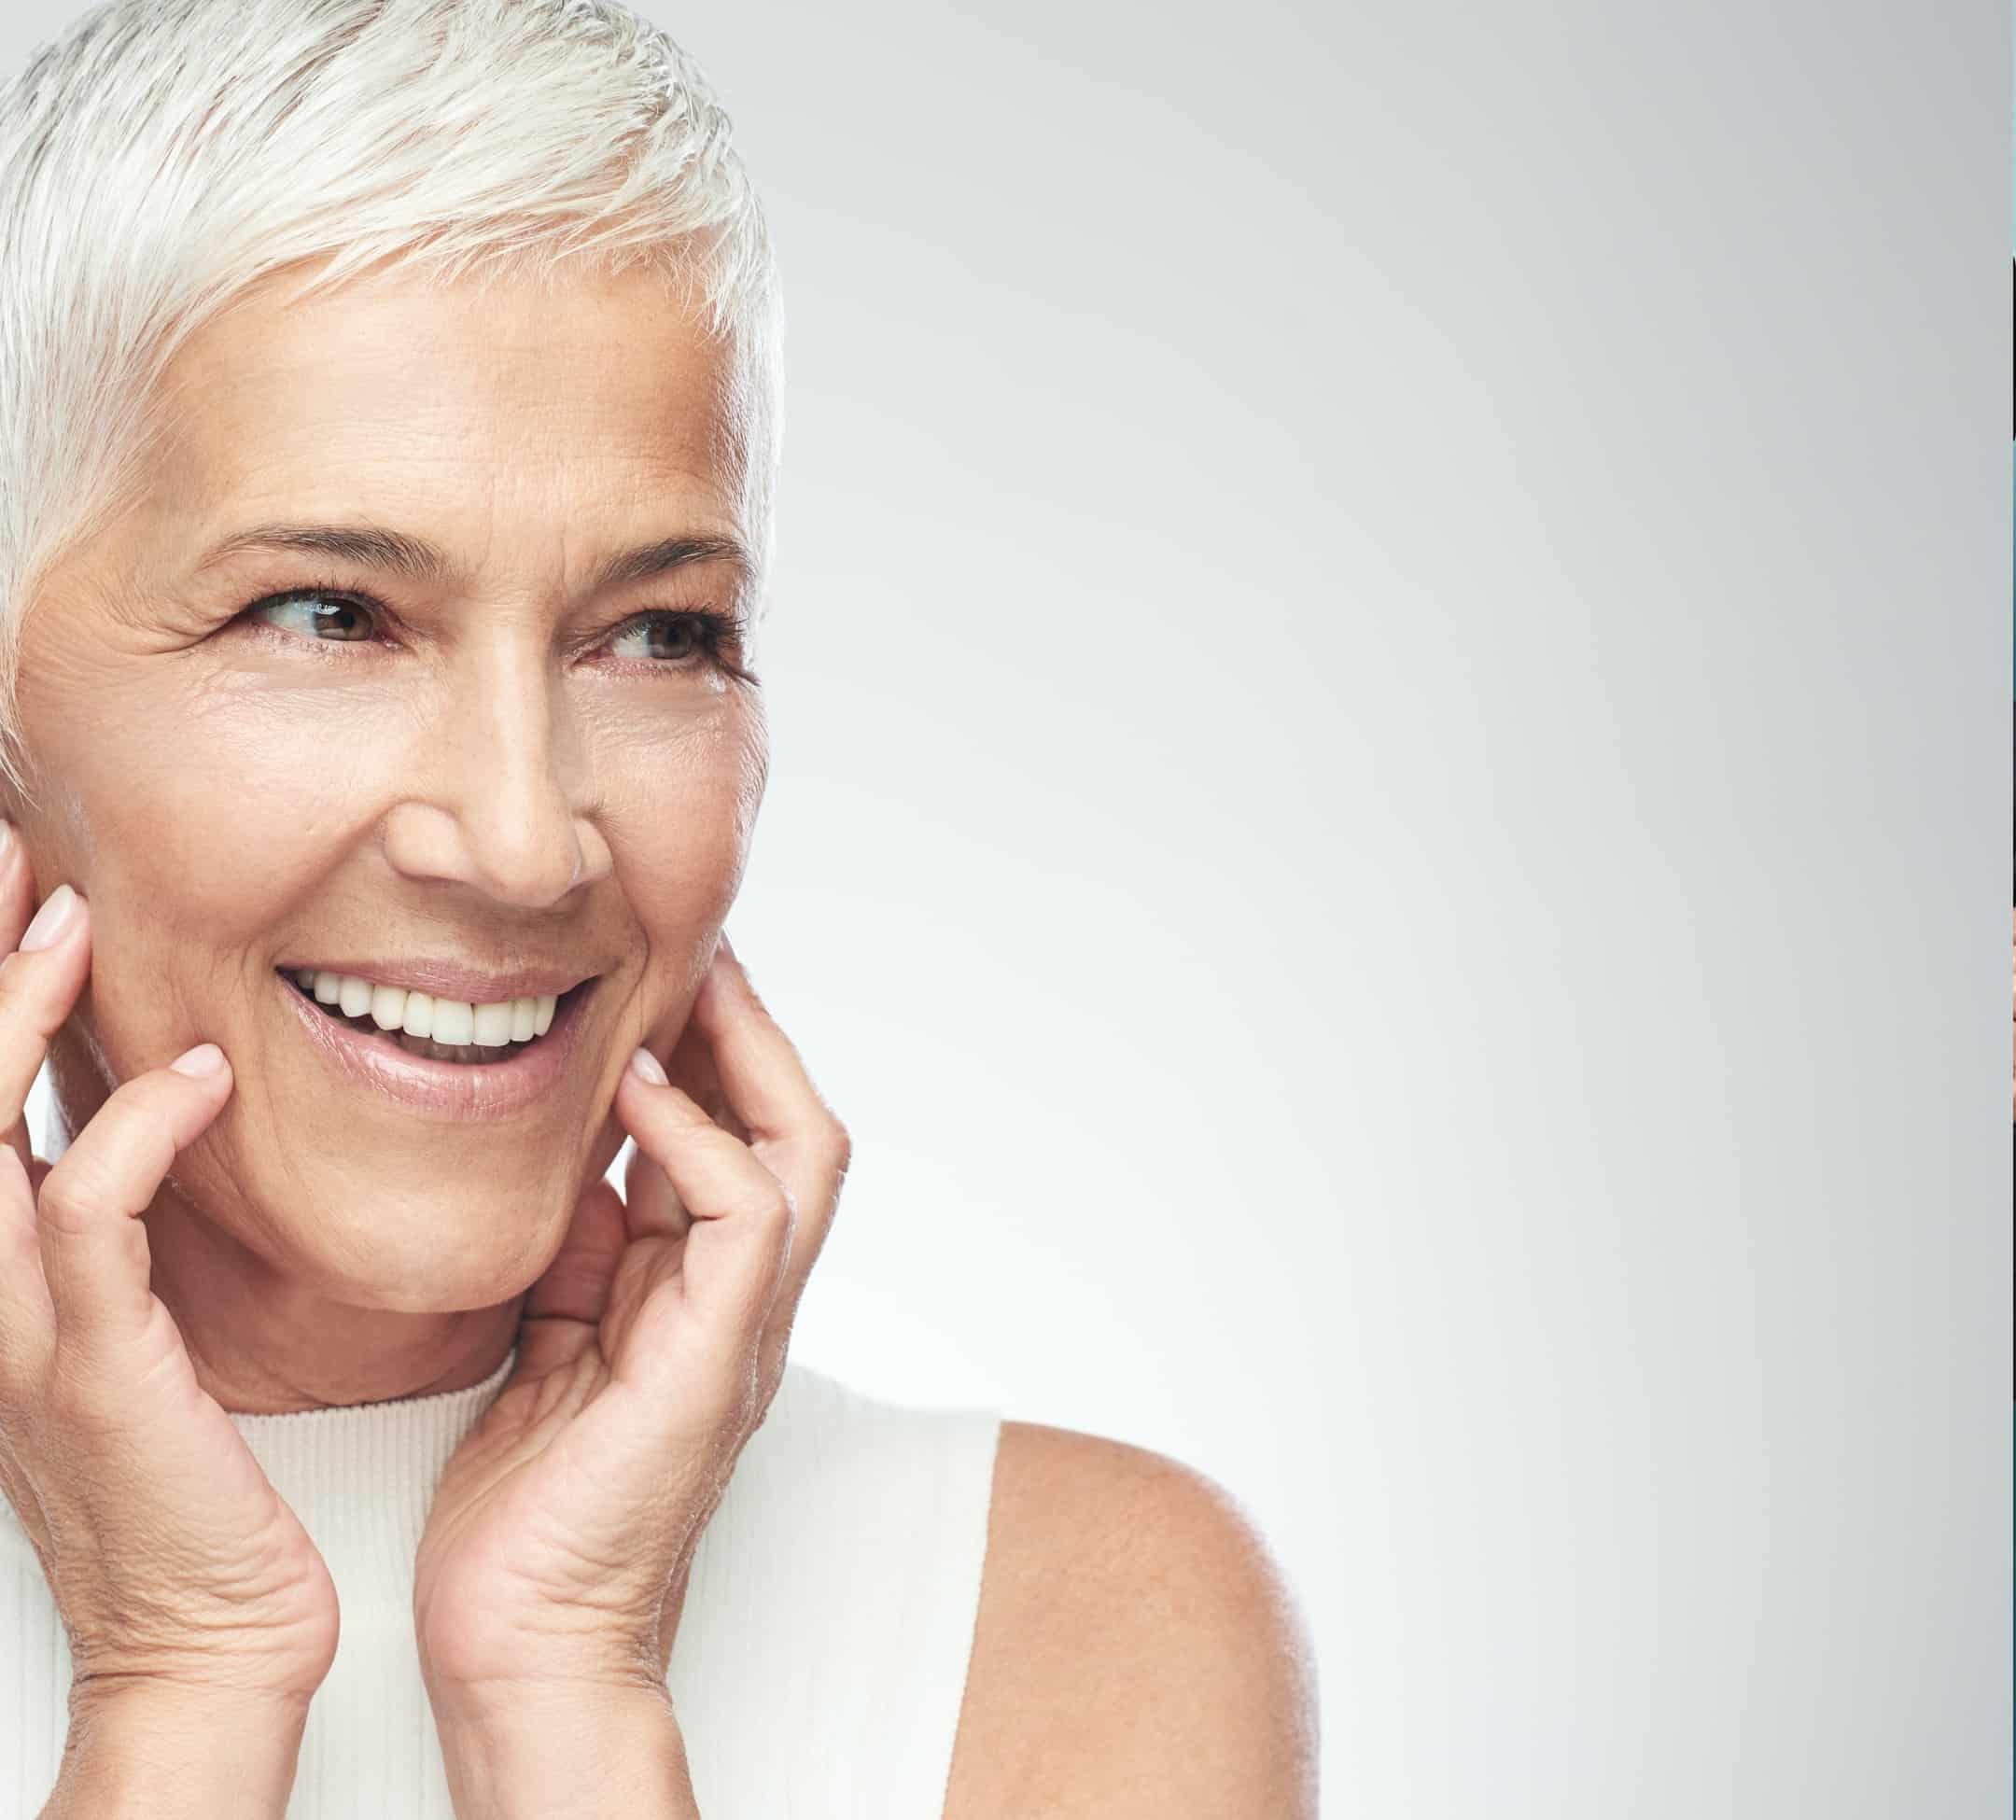 לקוח מחייך יישור שיניים שקוף מבוגר